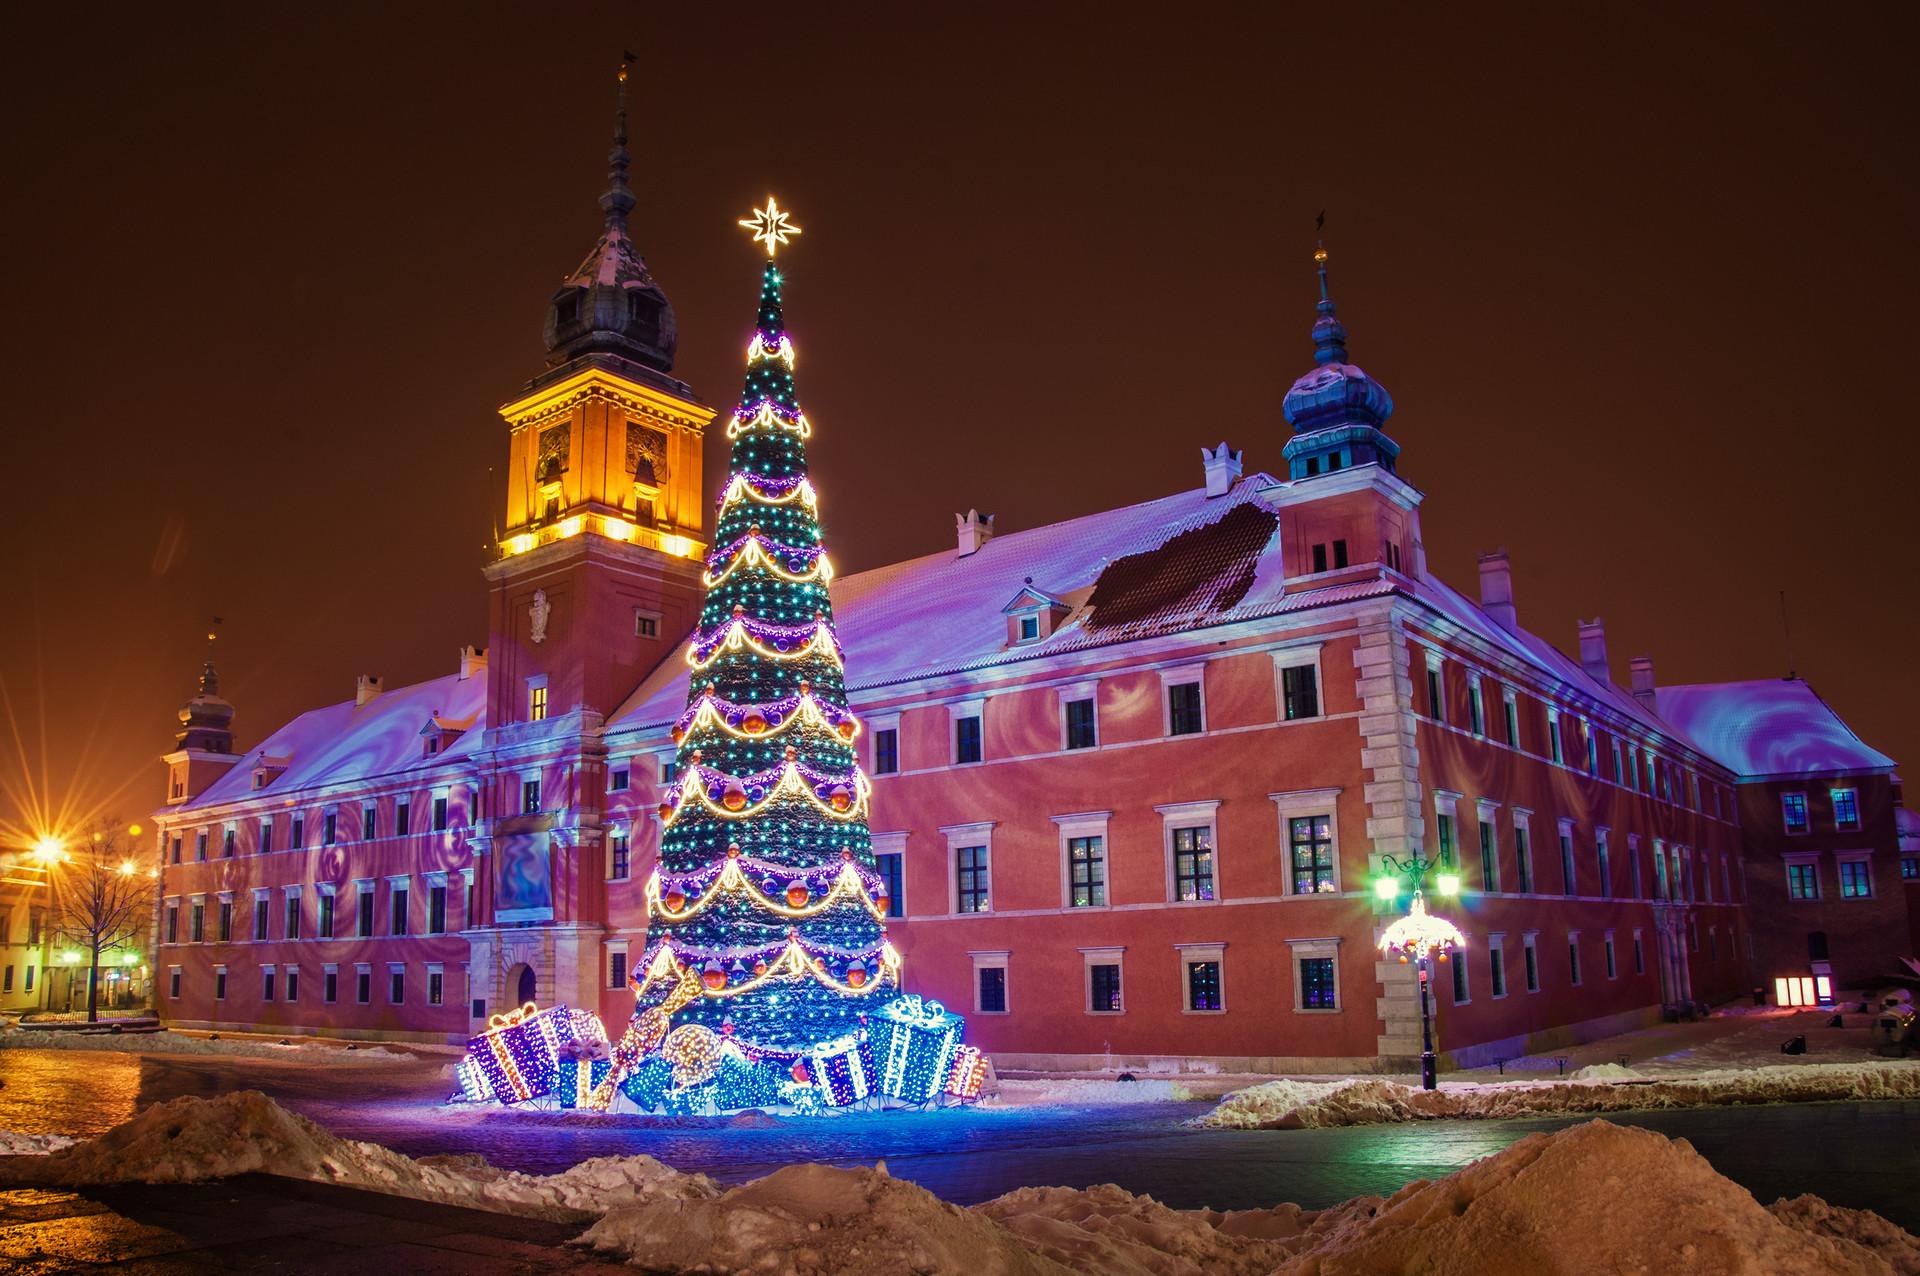 święta W Warszawie 65 Pomysłu Jak Je Spędzić